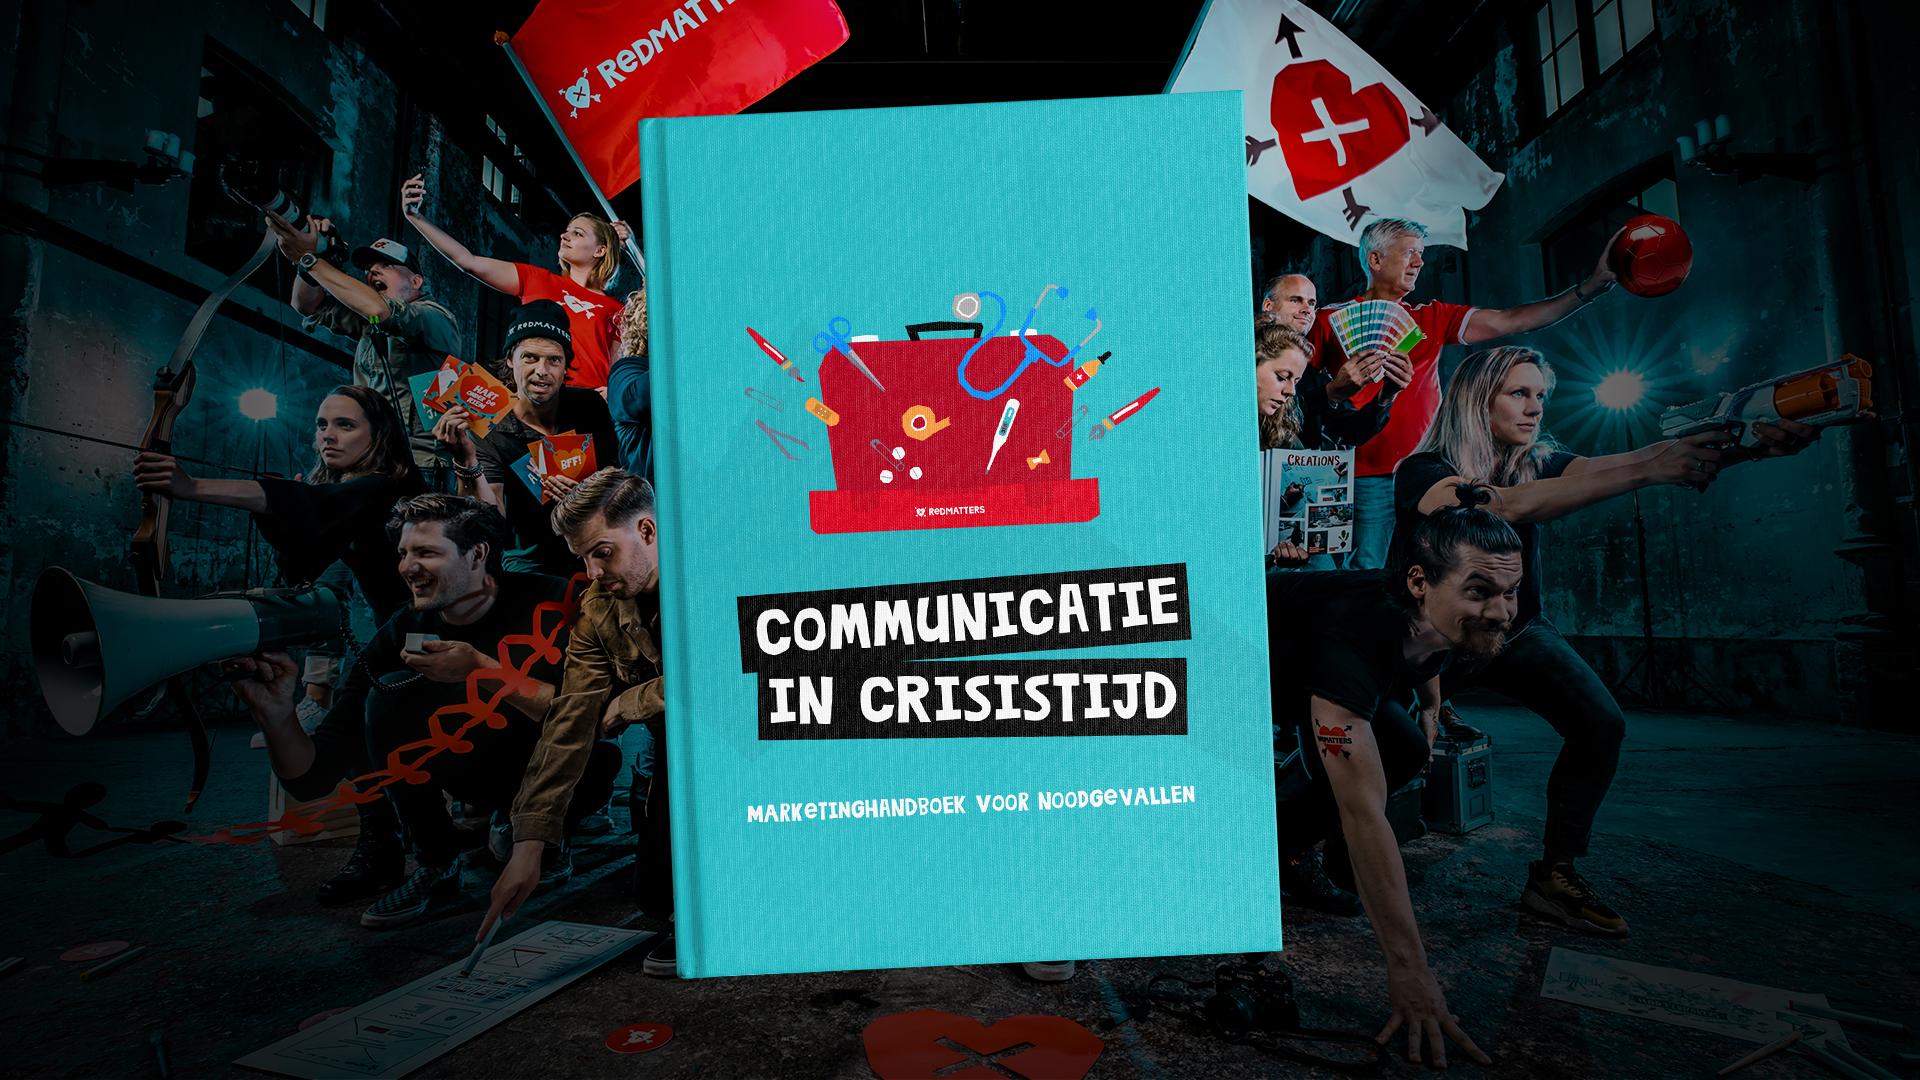 Persbericht - communicatie in crisistijd - Redmatters